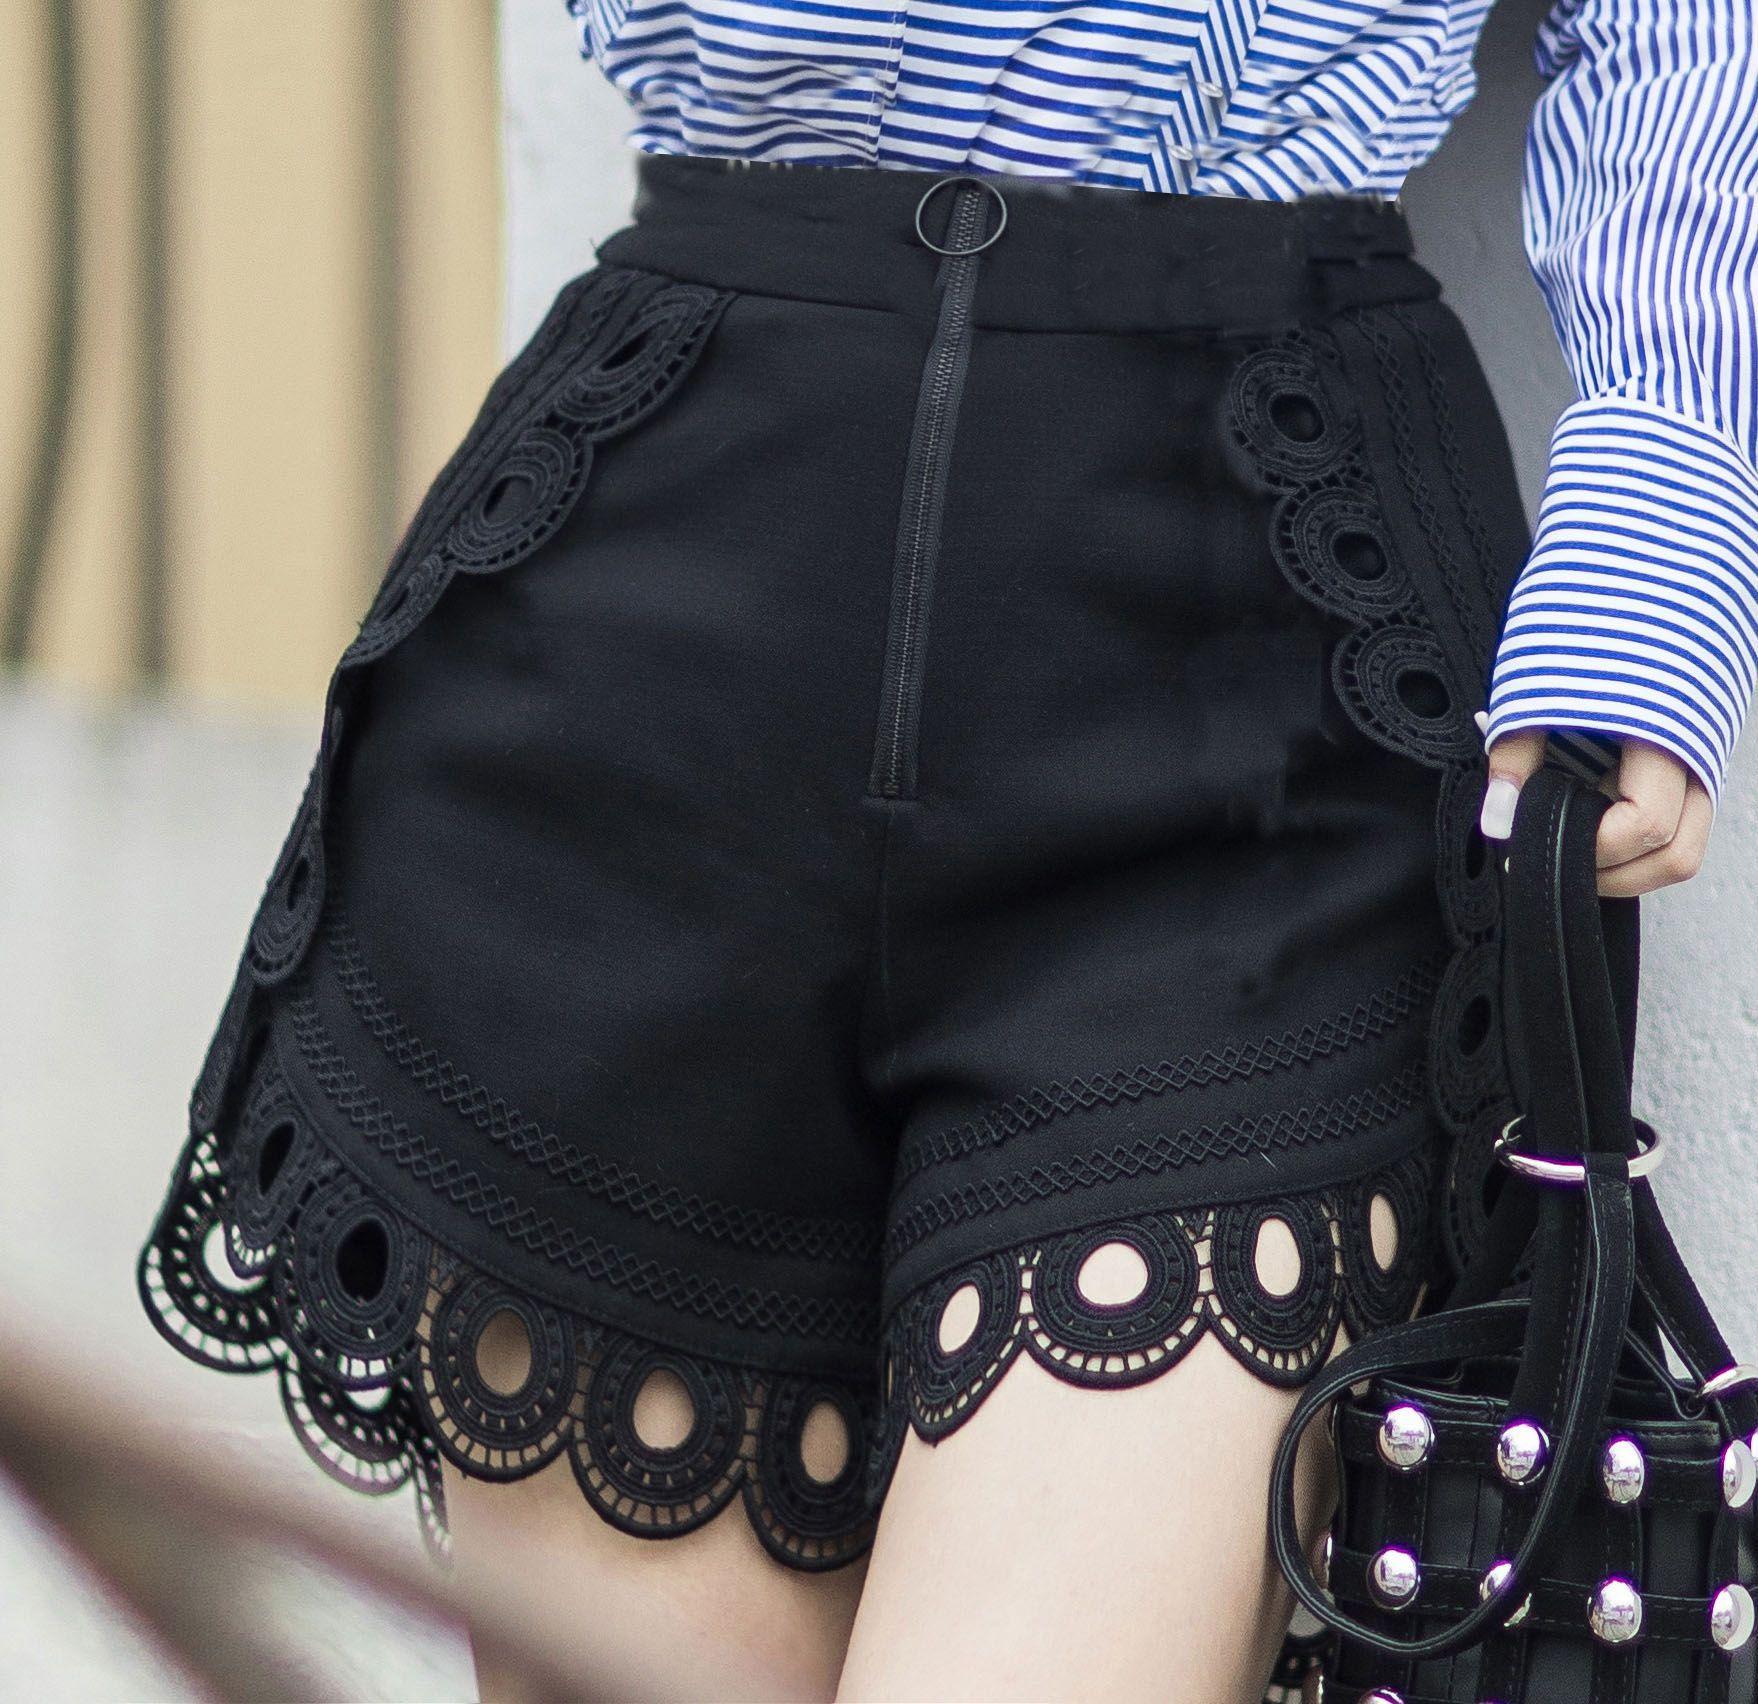 Come indossare gli shorts nell'estate 2017